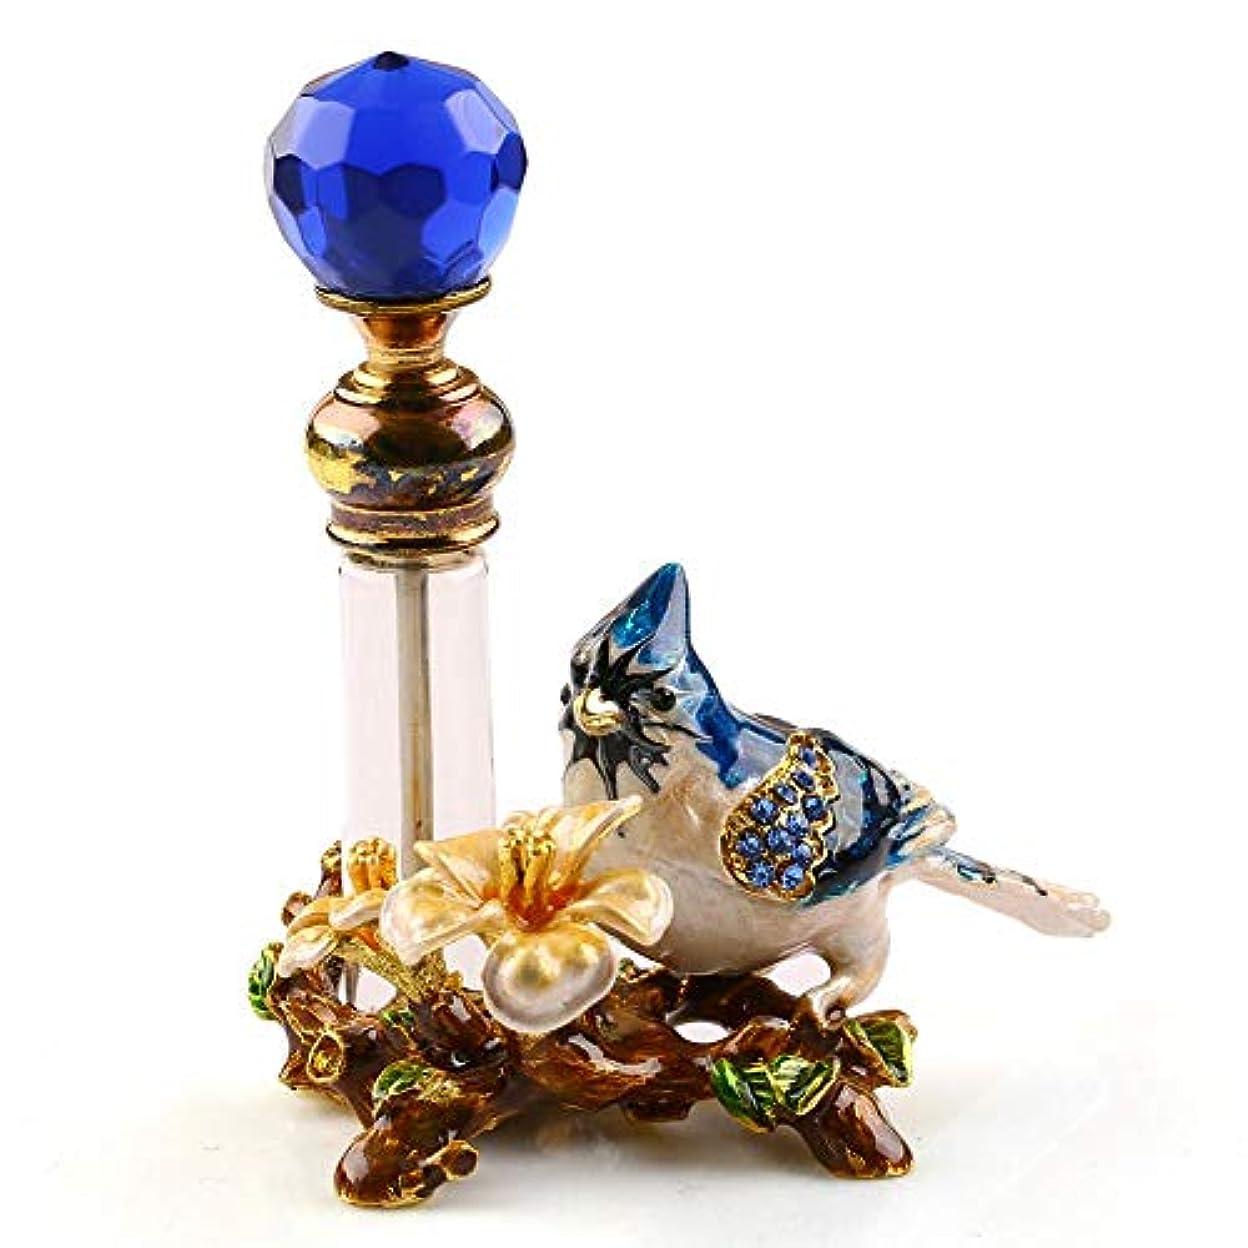 識別仲良しマイナーVERY100 高品質 美しい香水瓶 4ML アロマボトル 綺麗アンティーク風 鳥と花 詰替用ボトル 空き プレゼント 結婚式 飾り